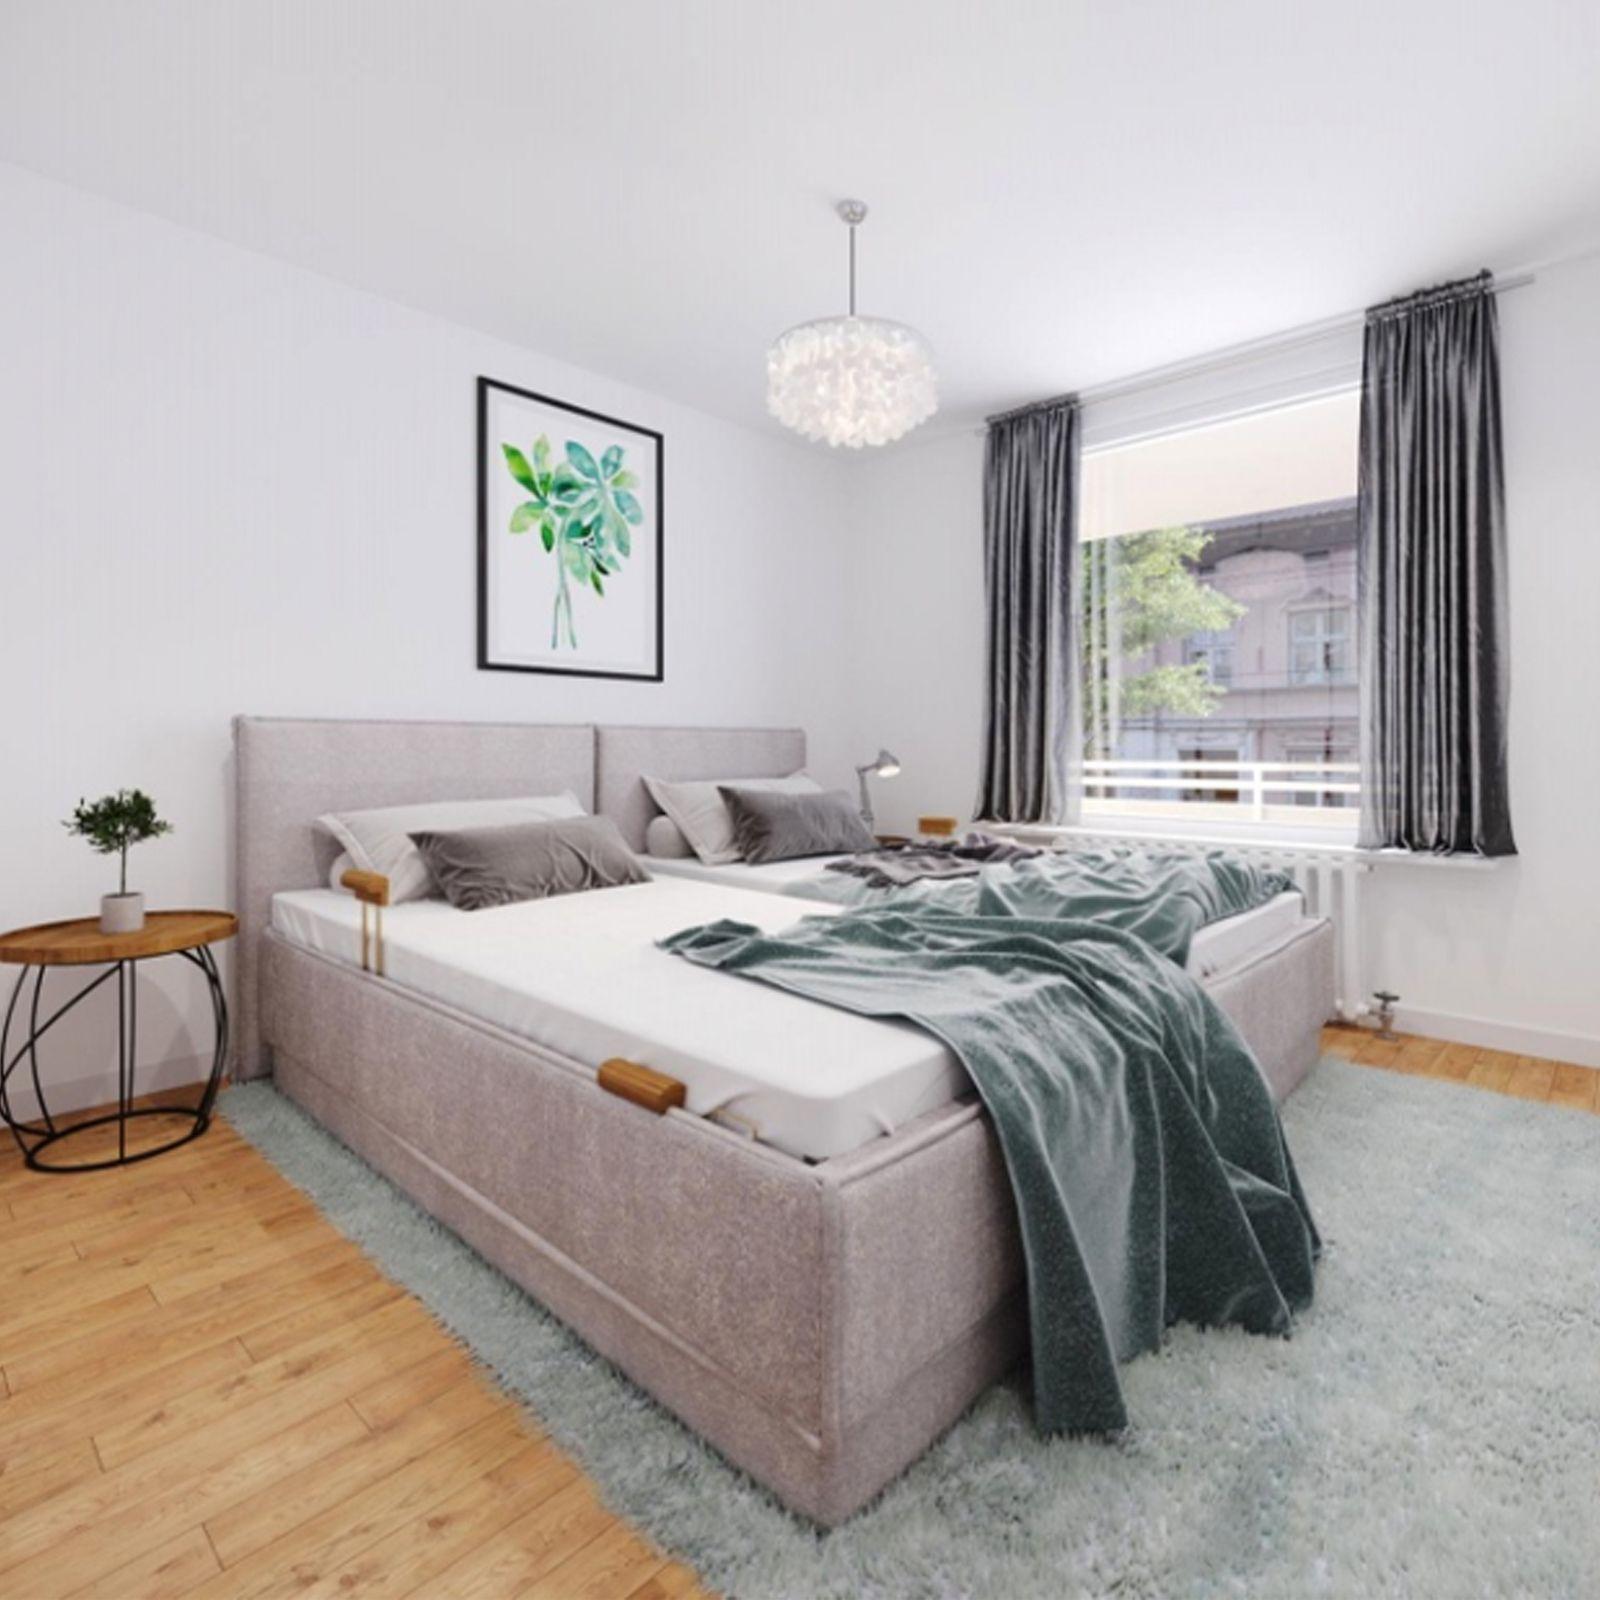 Komfortbett In Modernem Design Wohnen Haus Deko Designer Bett